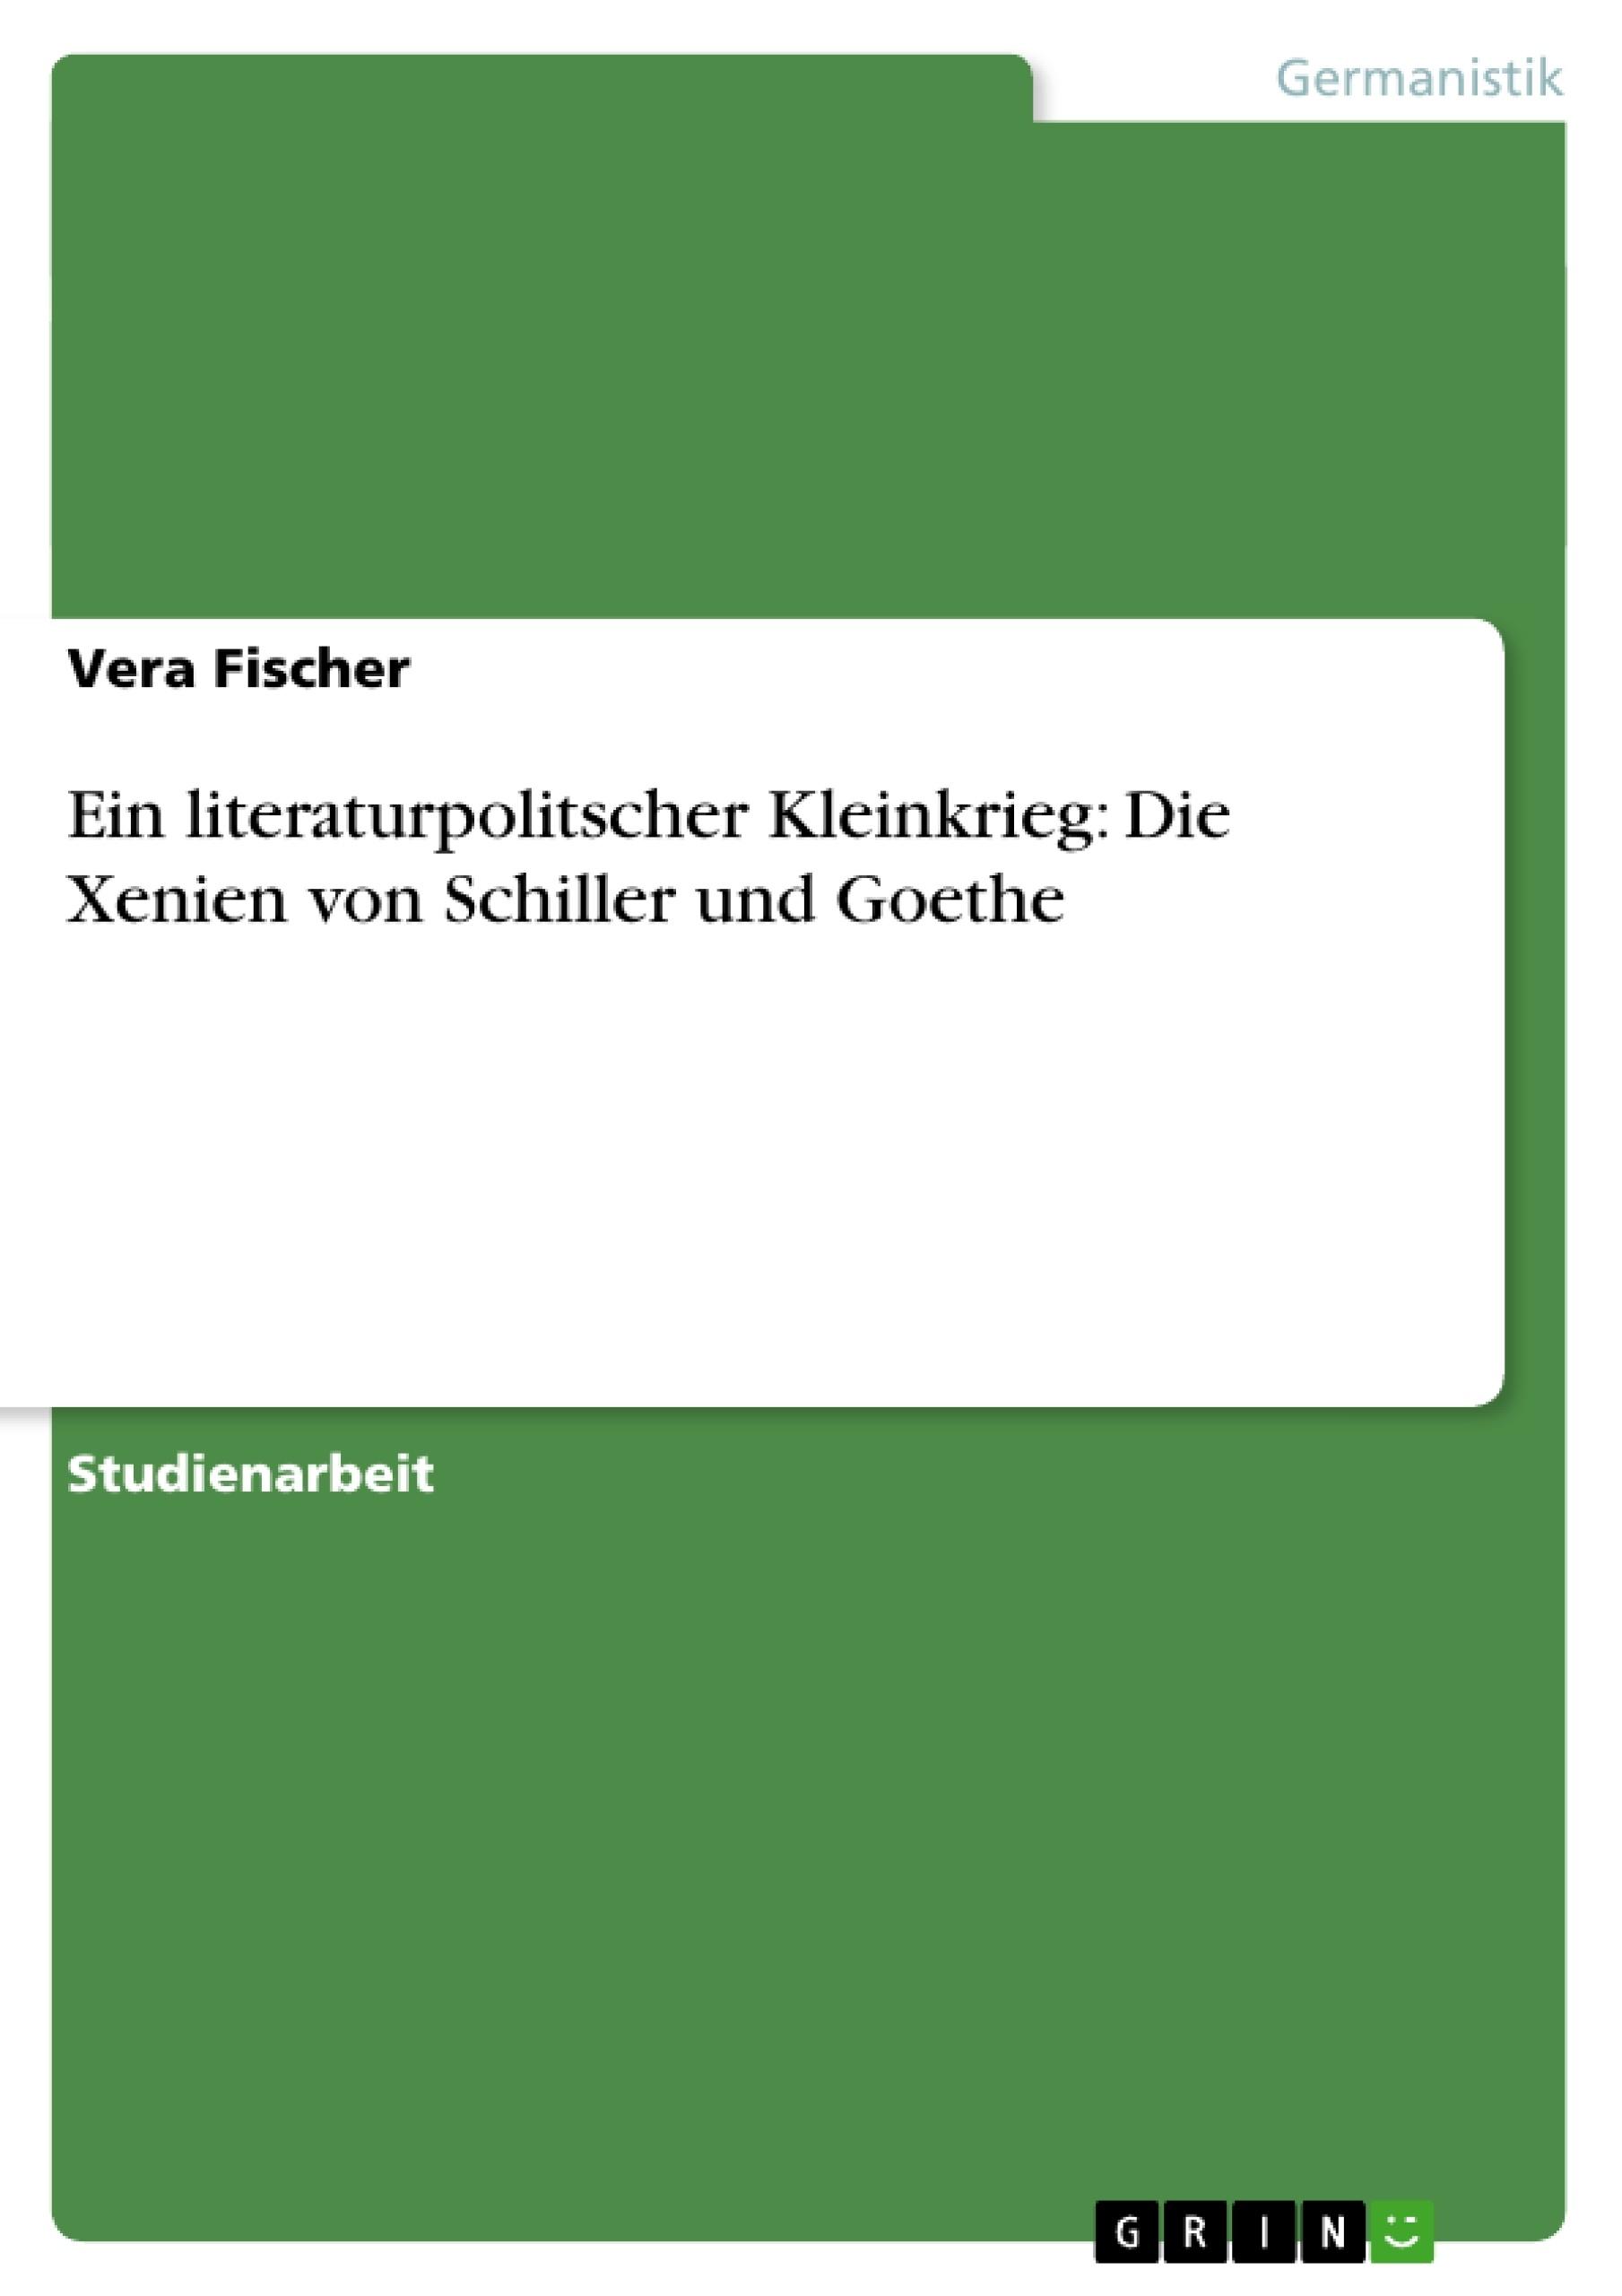 Titel: Ein literaturpolitscher Kleinkrieg: Die Xenien von Schiller und Goethe